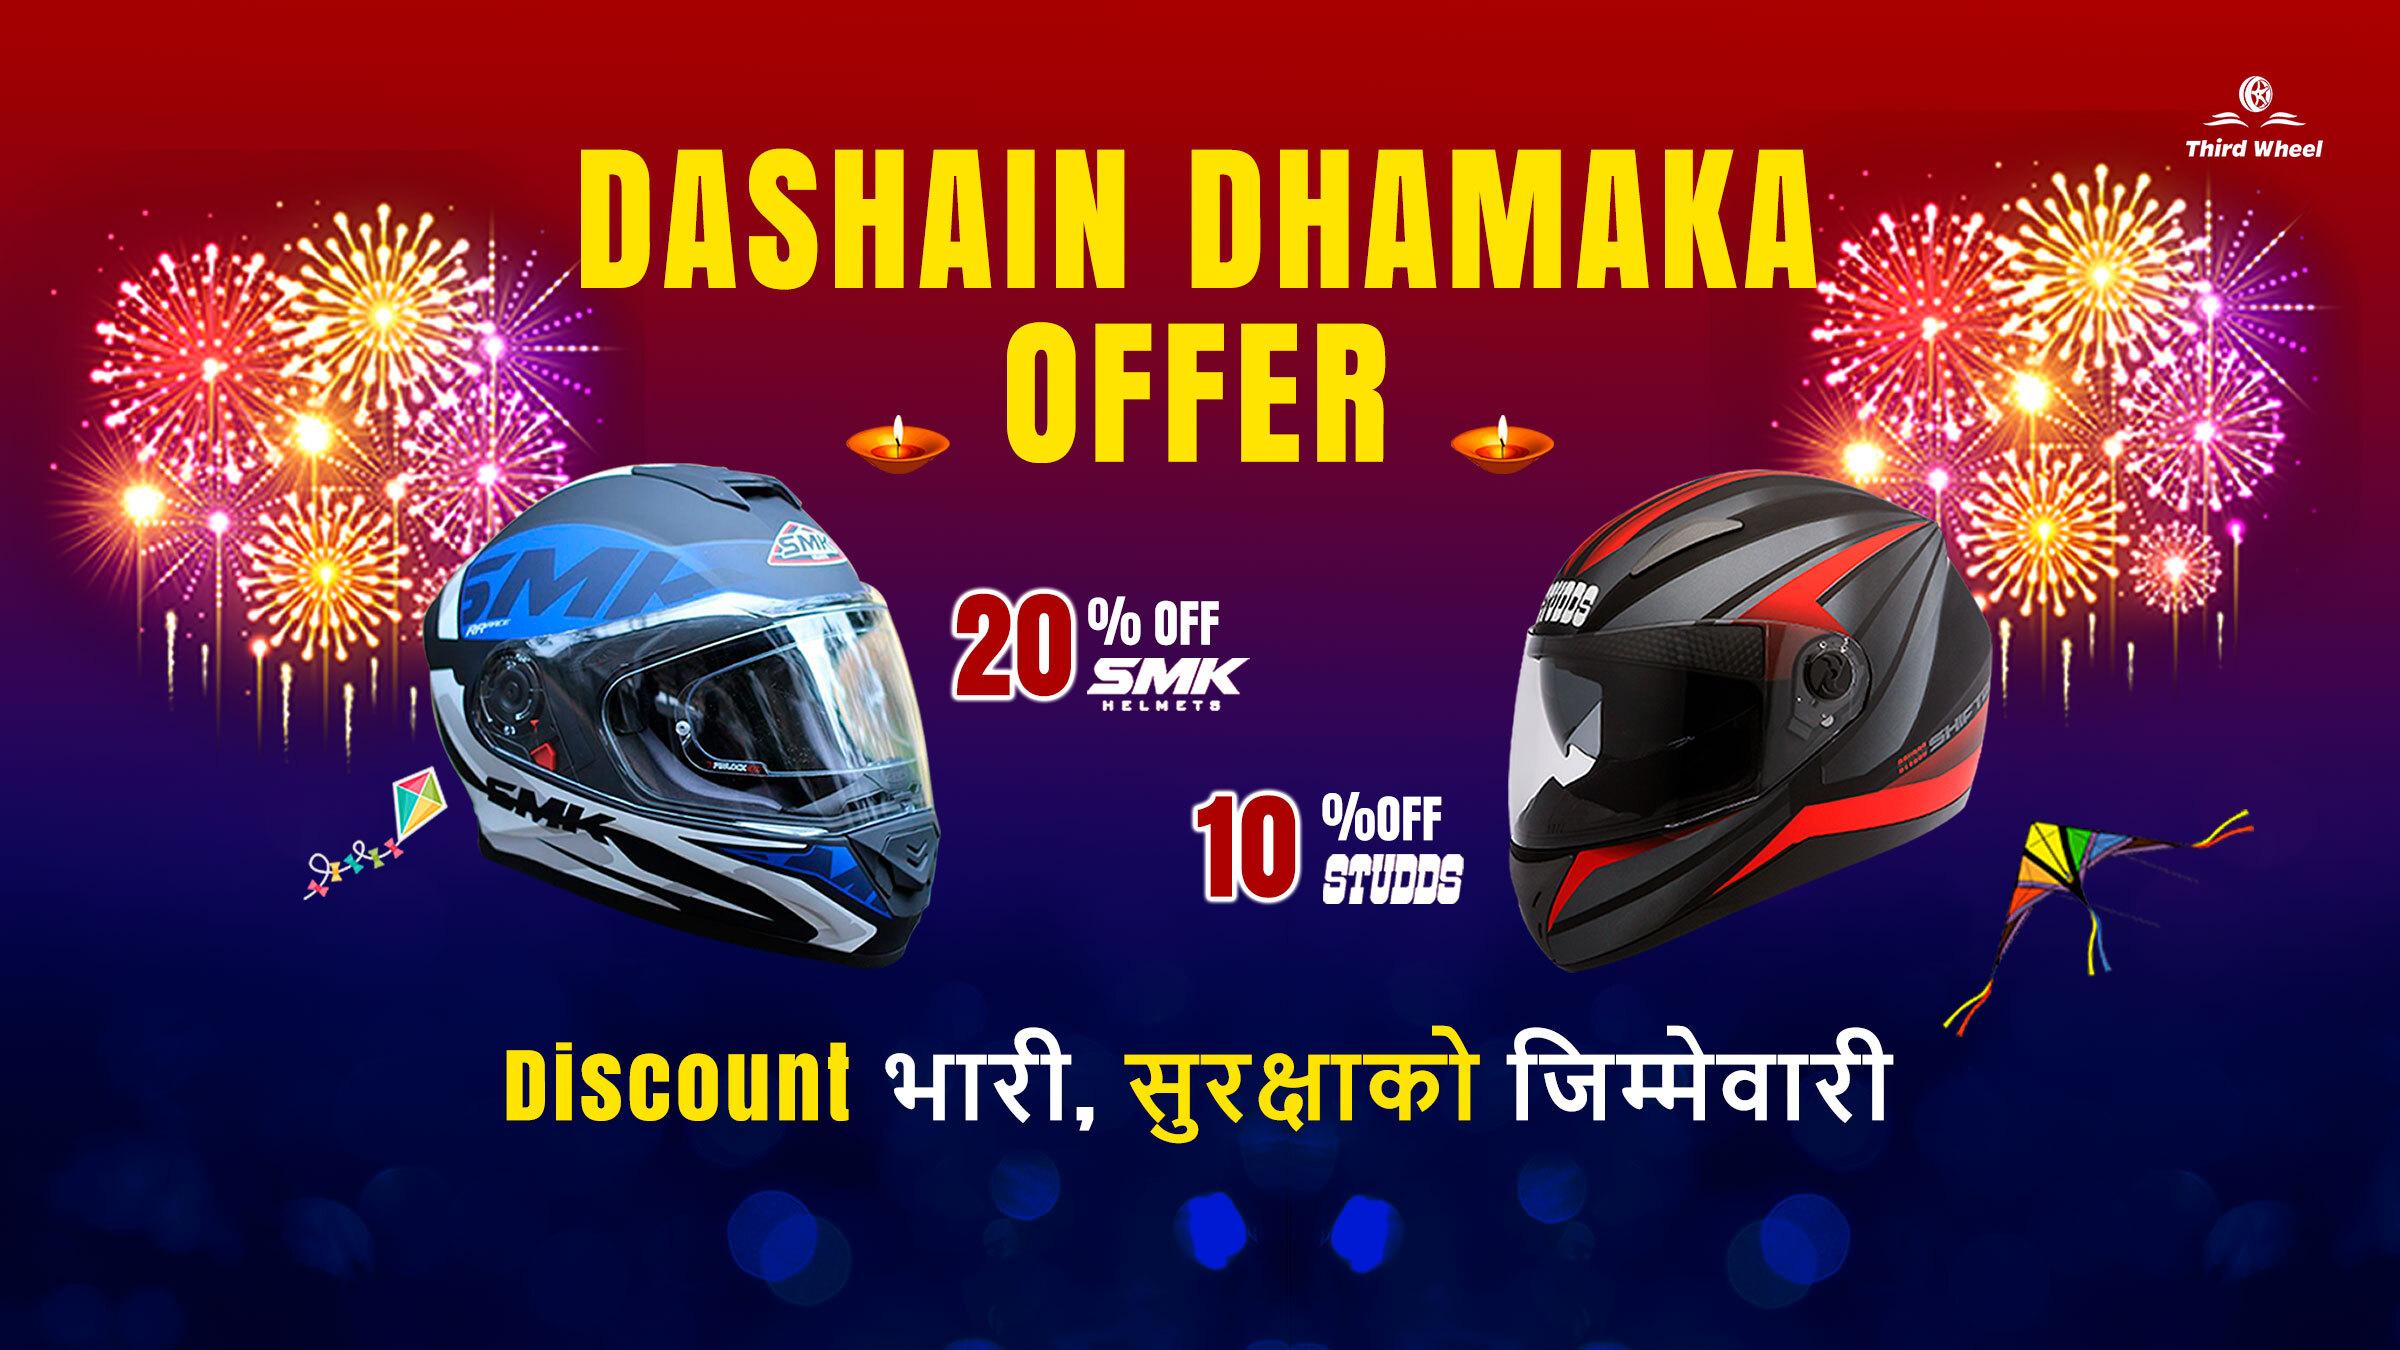 Dashain Dhammaka Offer on SMK & STUDDS Helmets